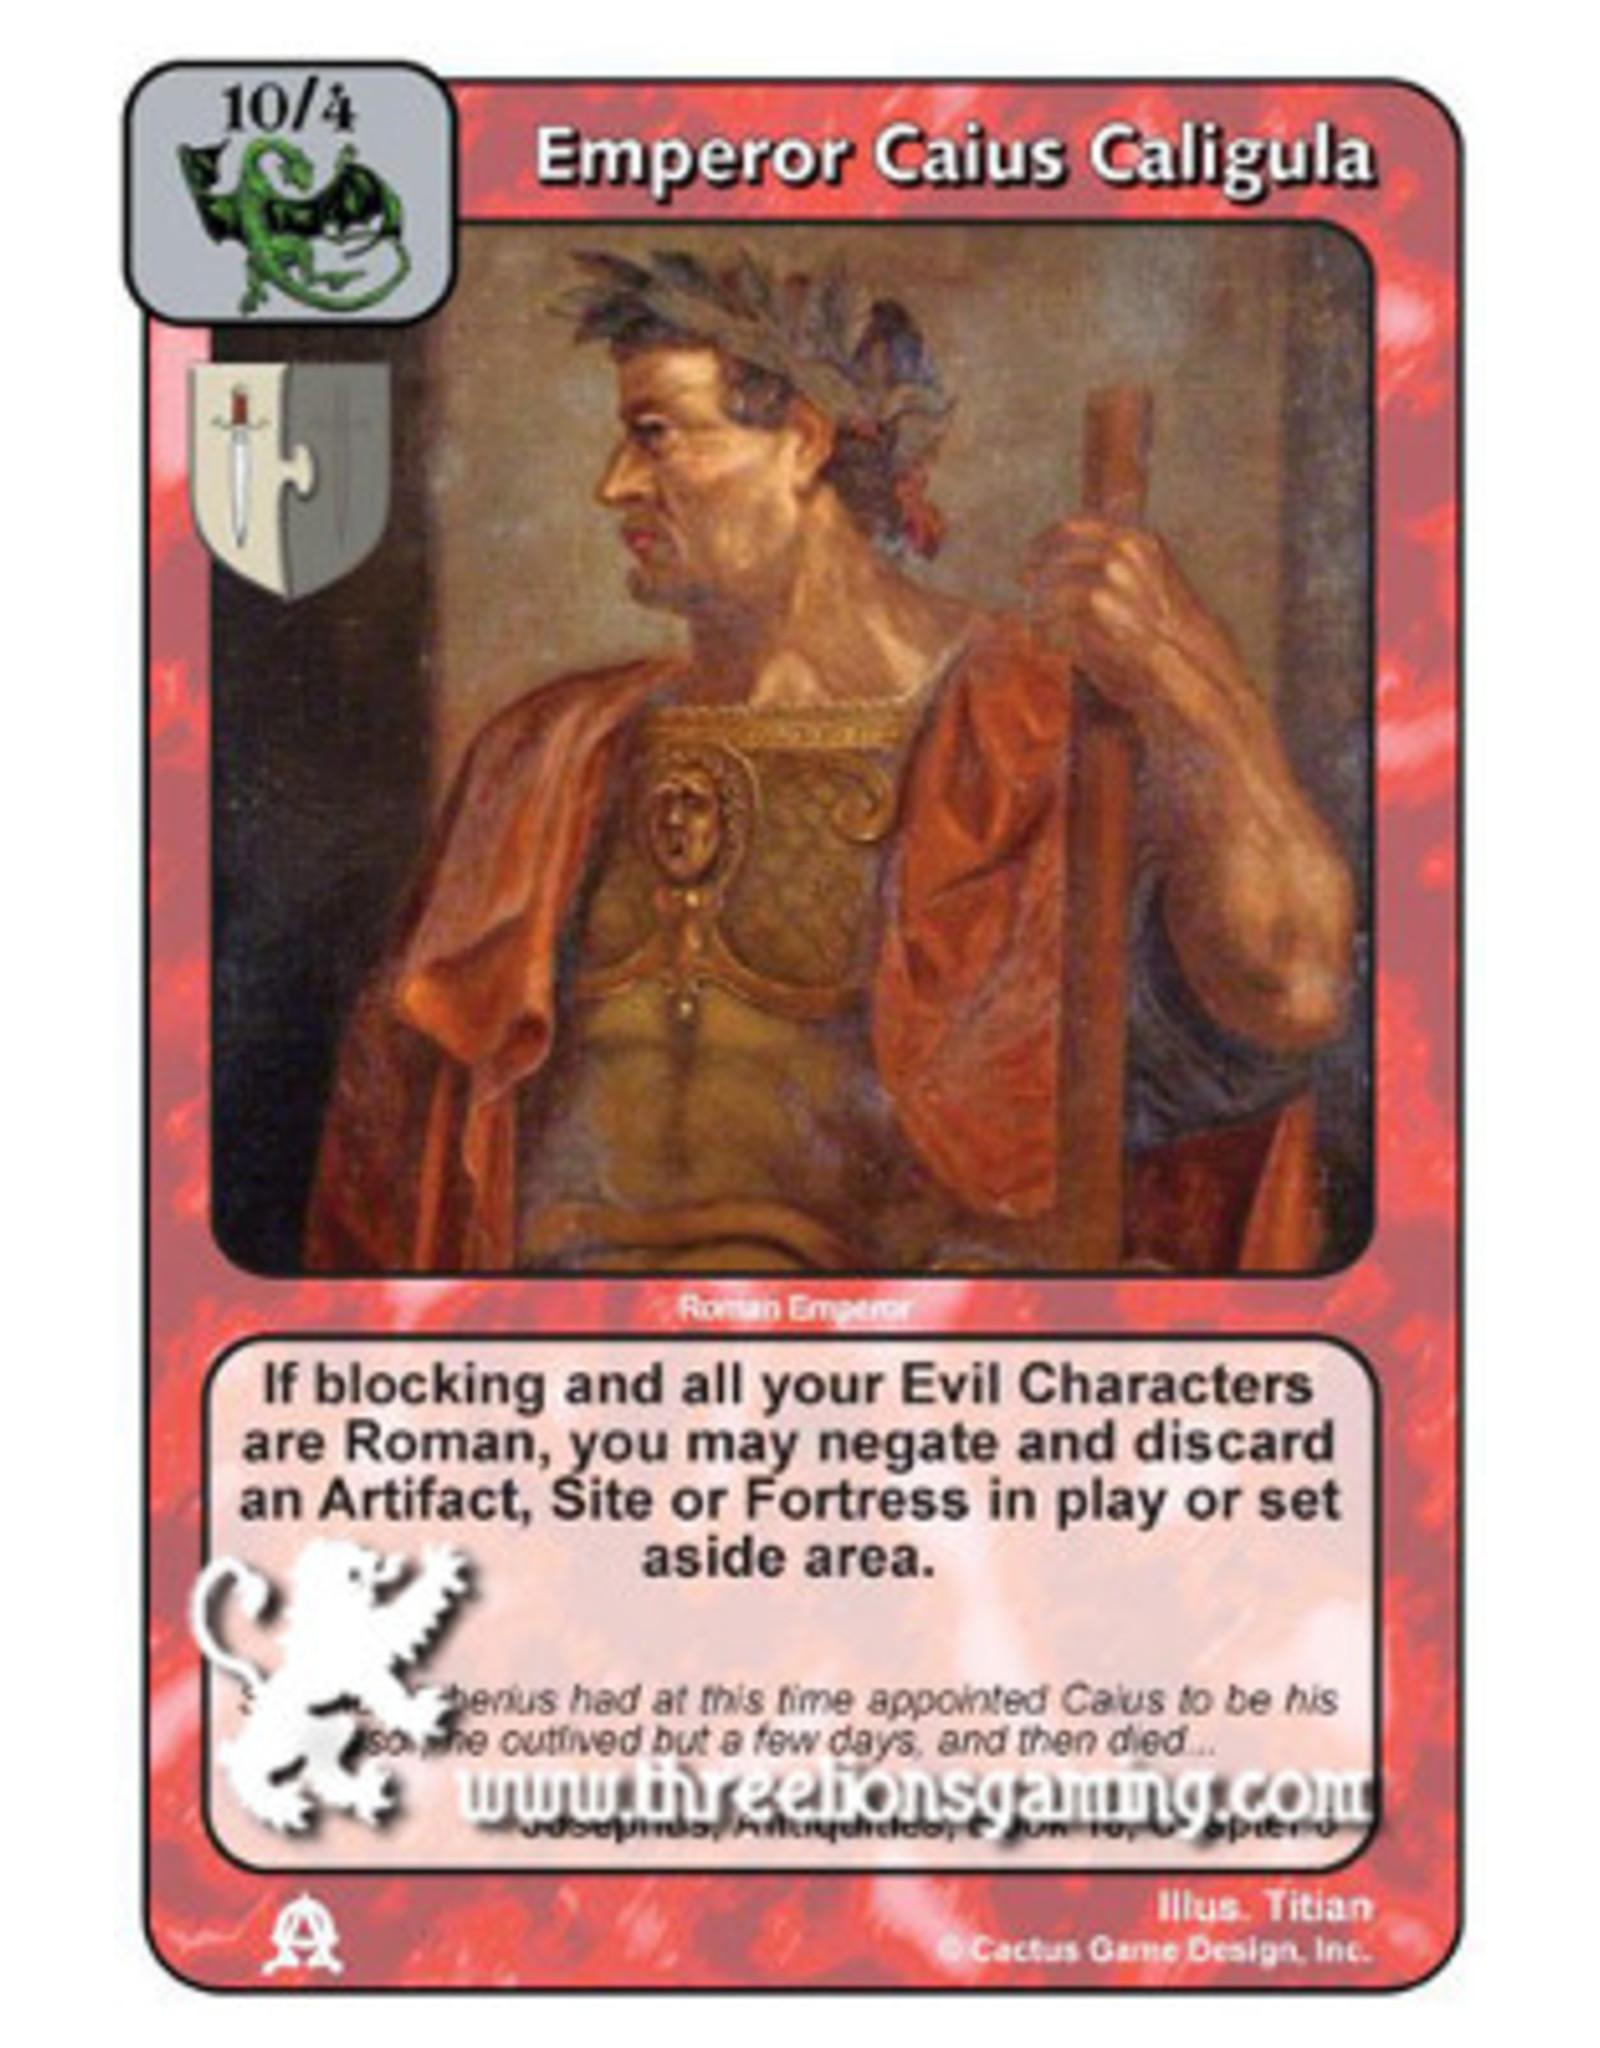 Emperor Caius Caligula (EC)